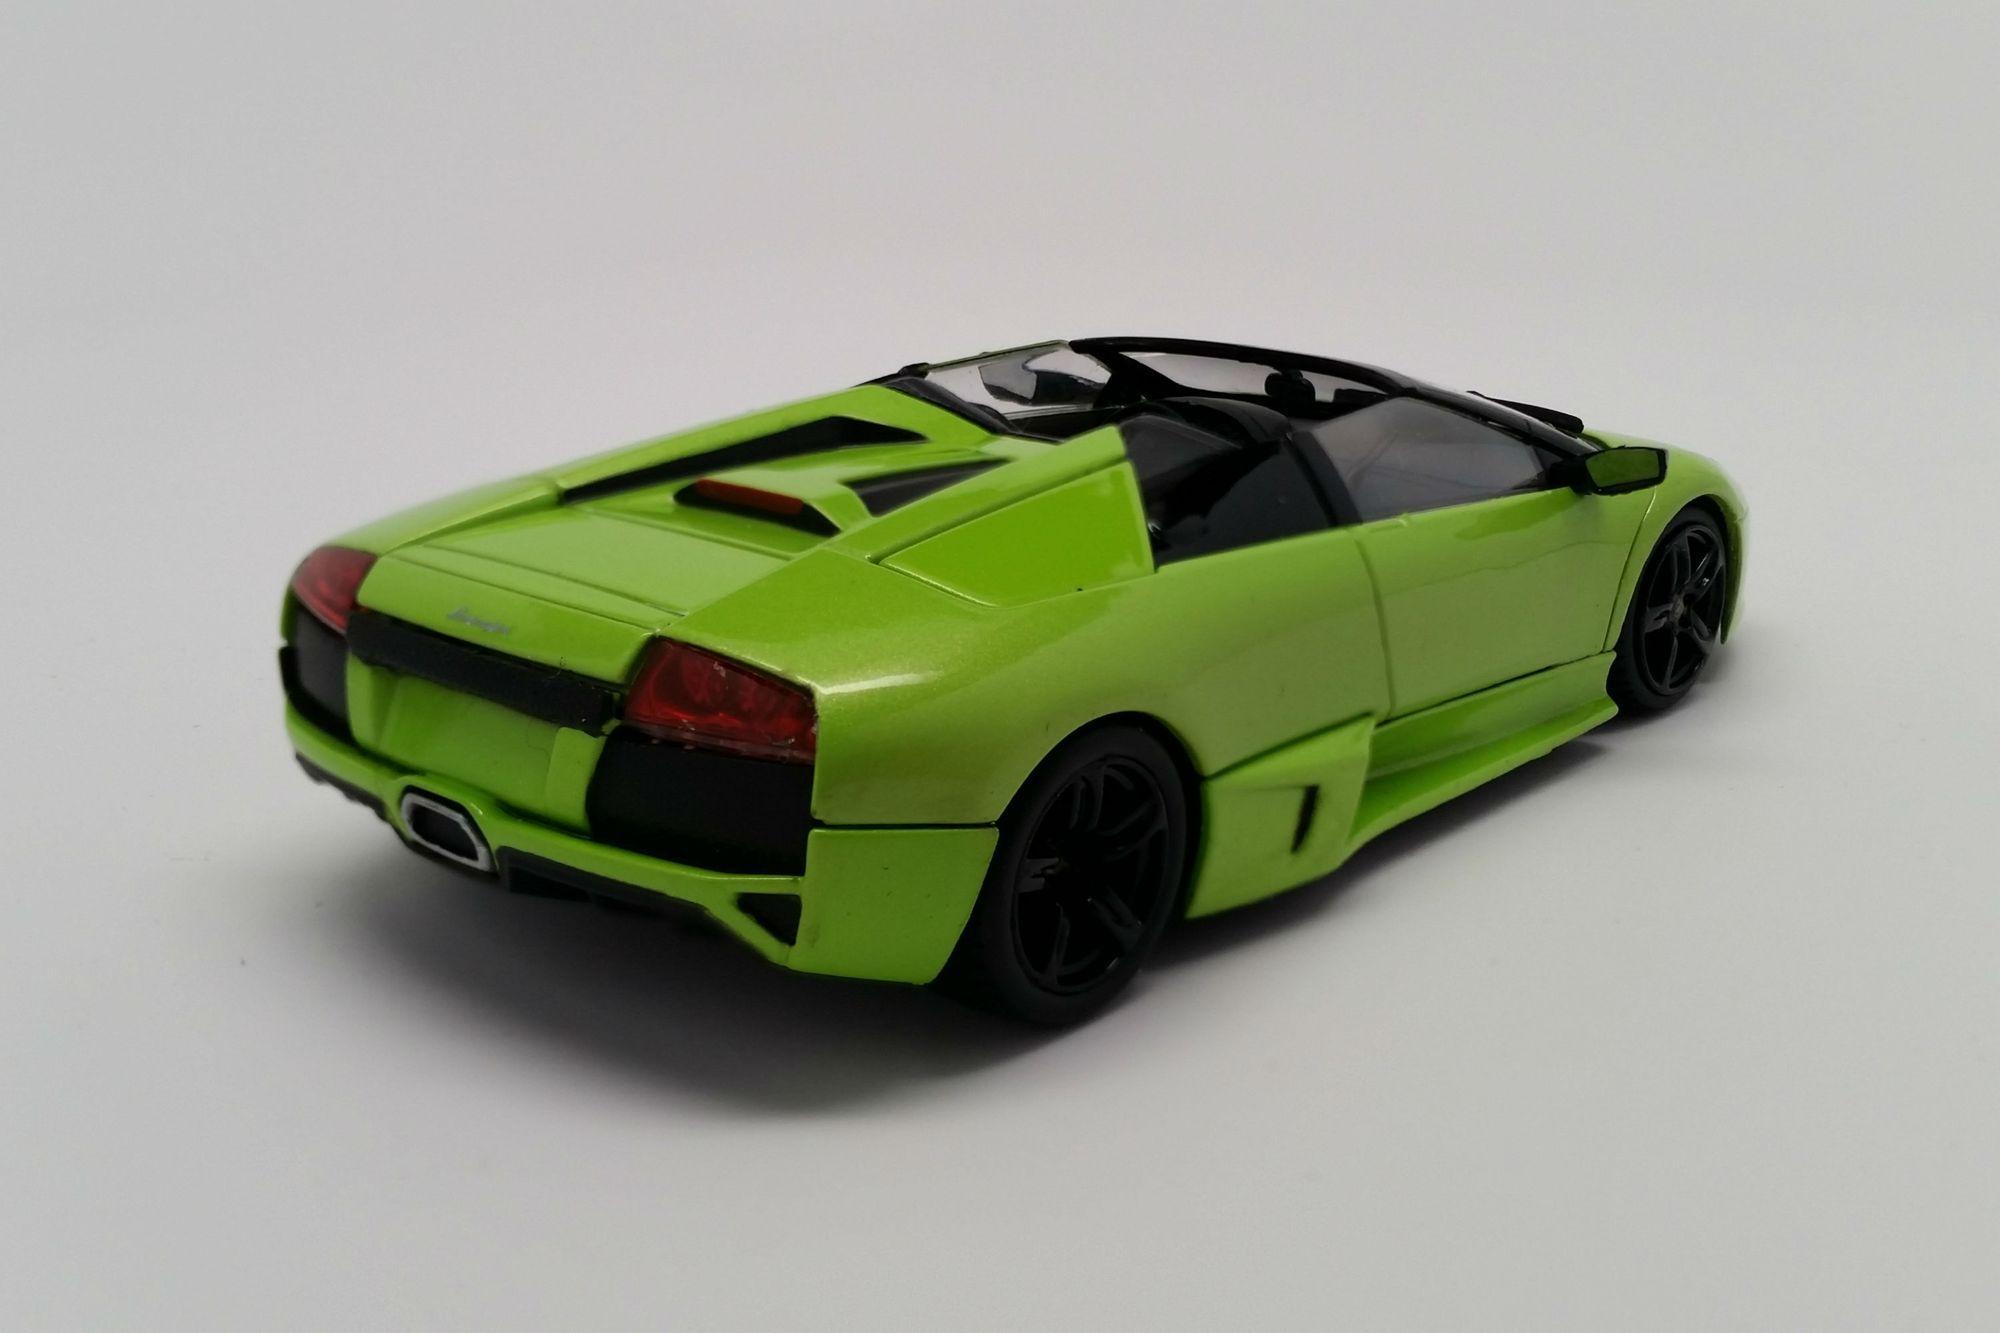 Lamborghini Murcielago Lp640 Roadster 1 43 Scale Diecast Model Car By Minichamps Front Quarter Diecast Model Cars Lamborghini Diecast